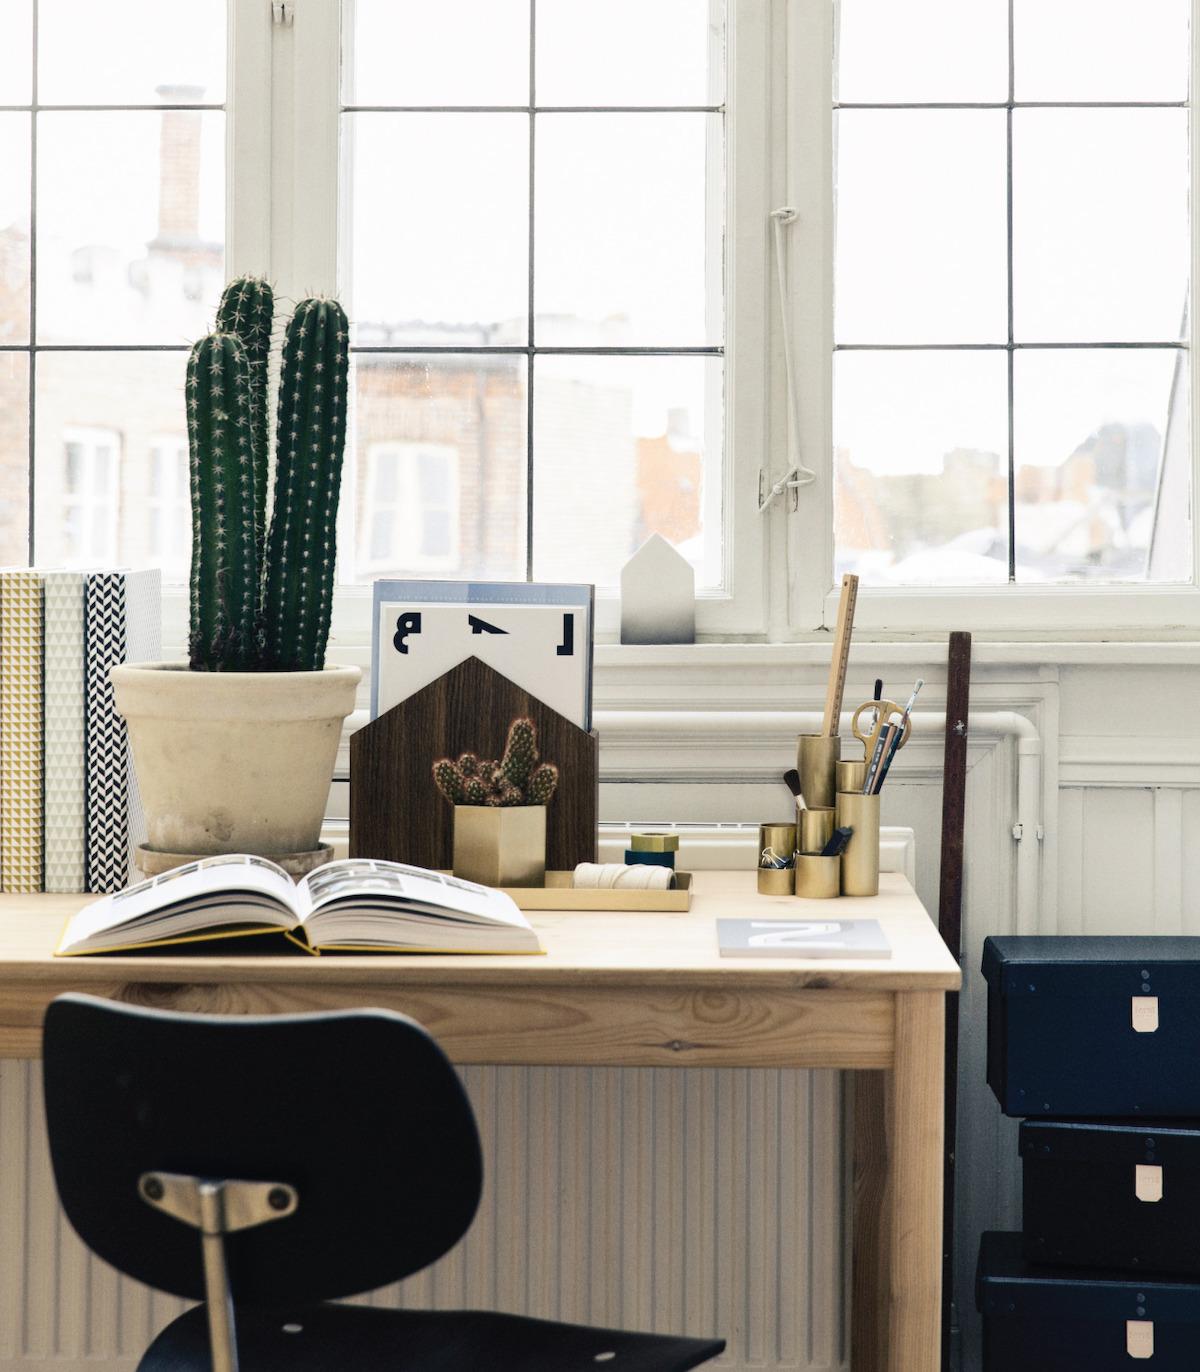 bureau tendance cuivre bronze métallique style rétro sépia table bois pot à crayon laiton